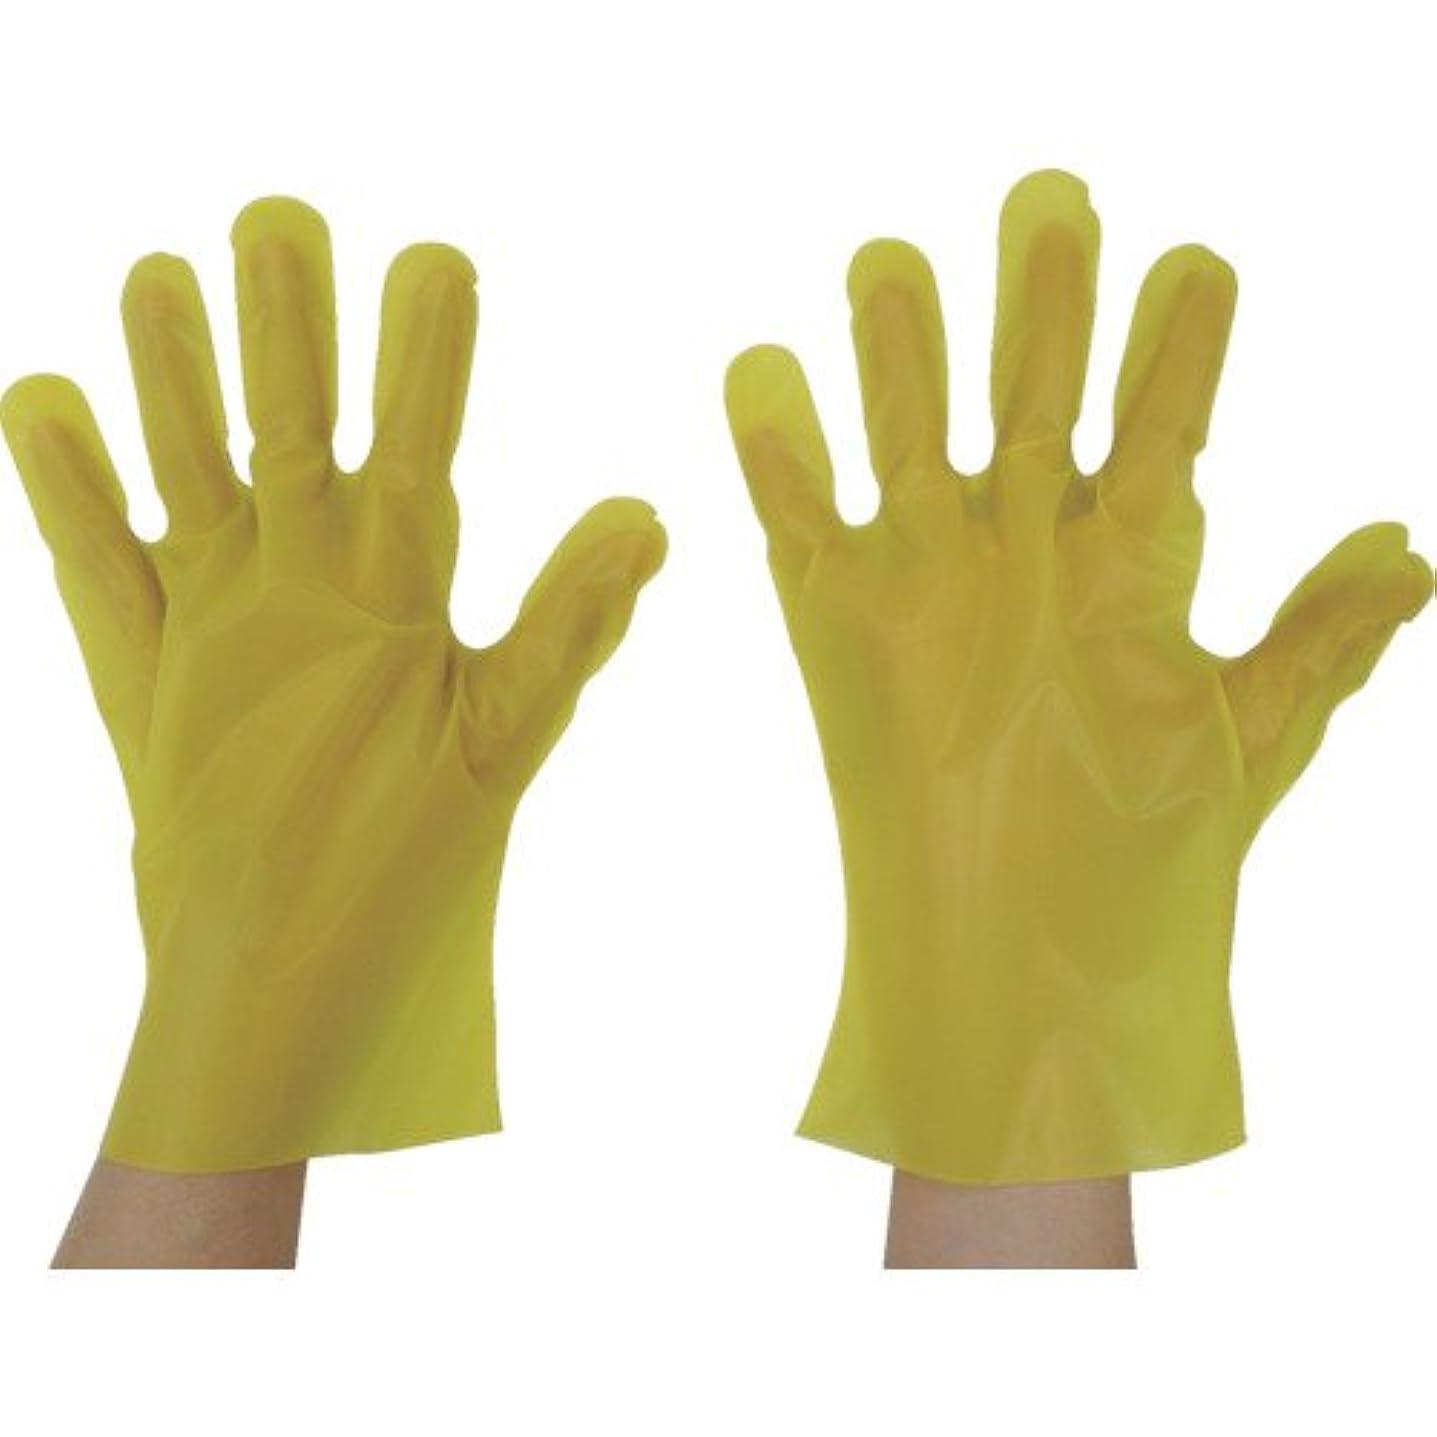 東京パック エンボス手袋五本絞りエコノミー化粧箱L イエロー YEK-L